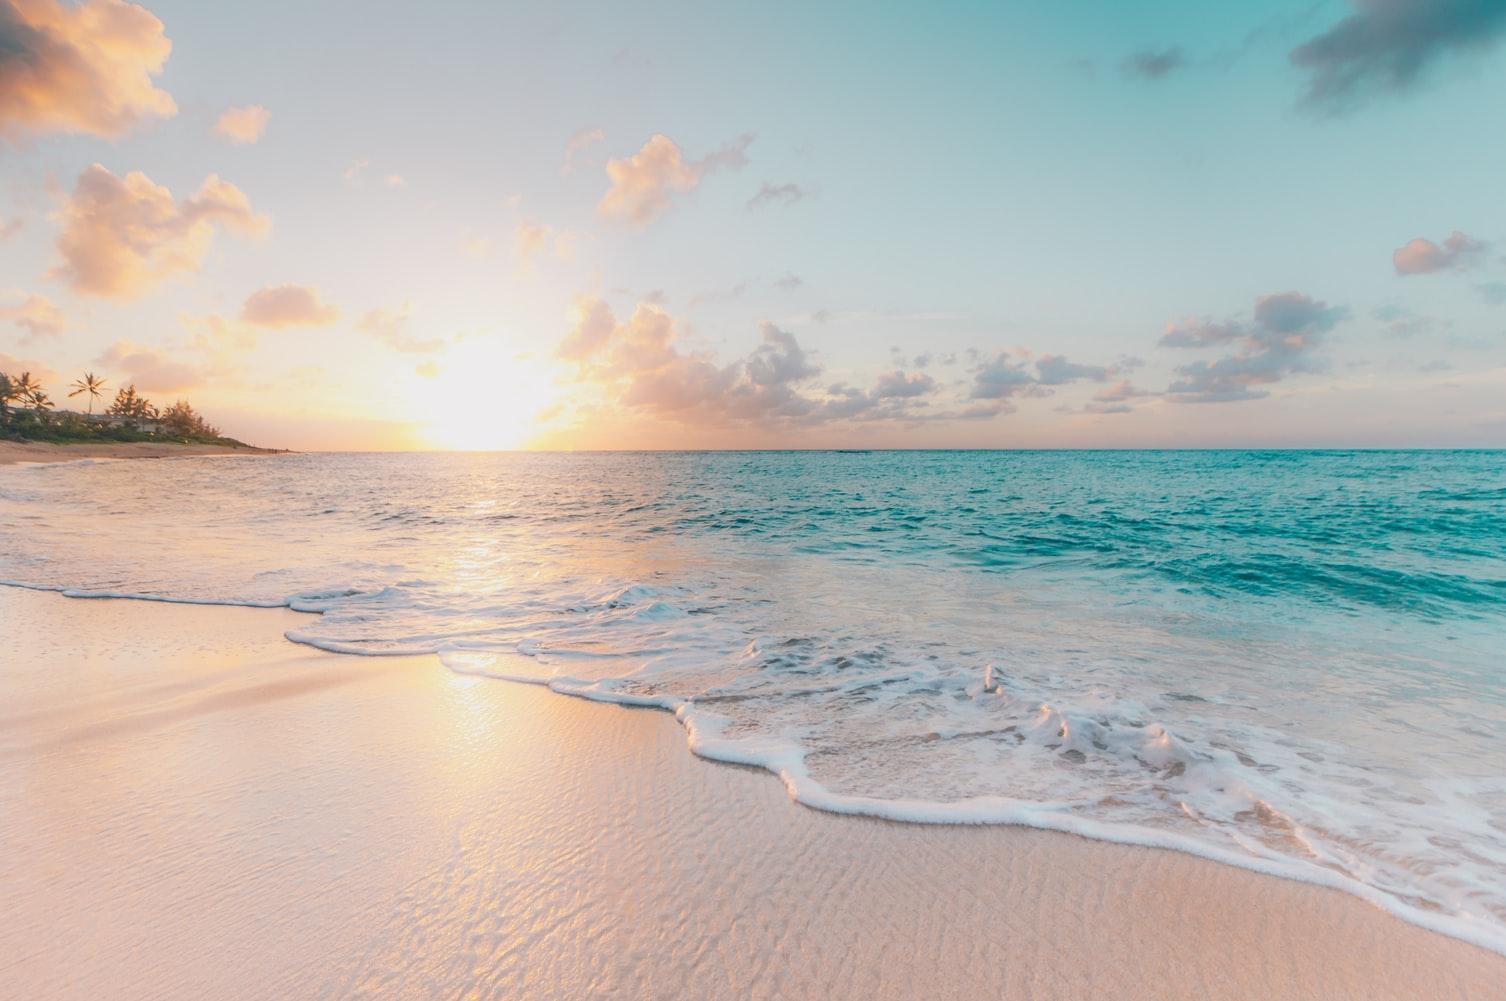 Plaża na wyspie Oahu, Hawaje.